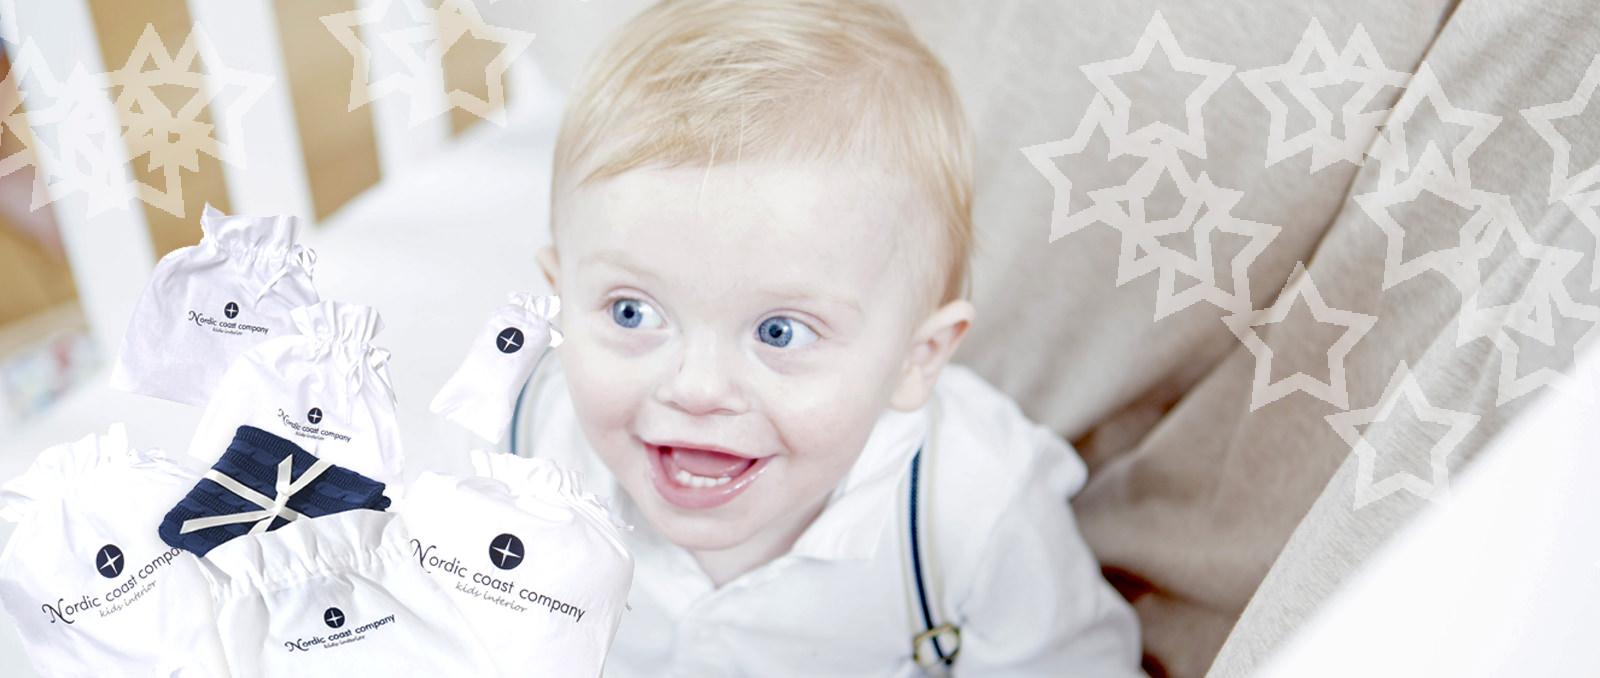 geschenke-nordiccoastcompany-baby-geburt-taufe-weihnachten-n